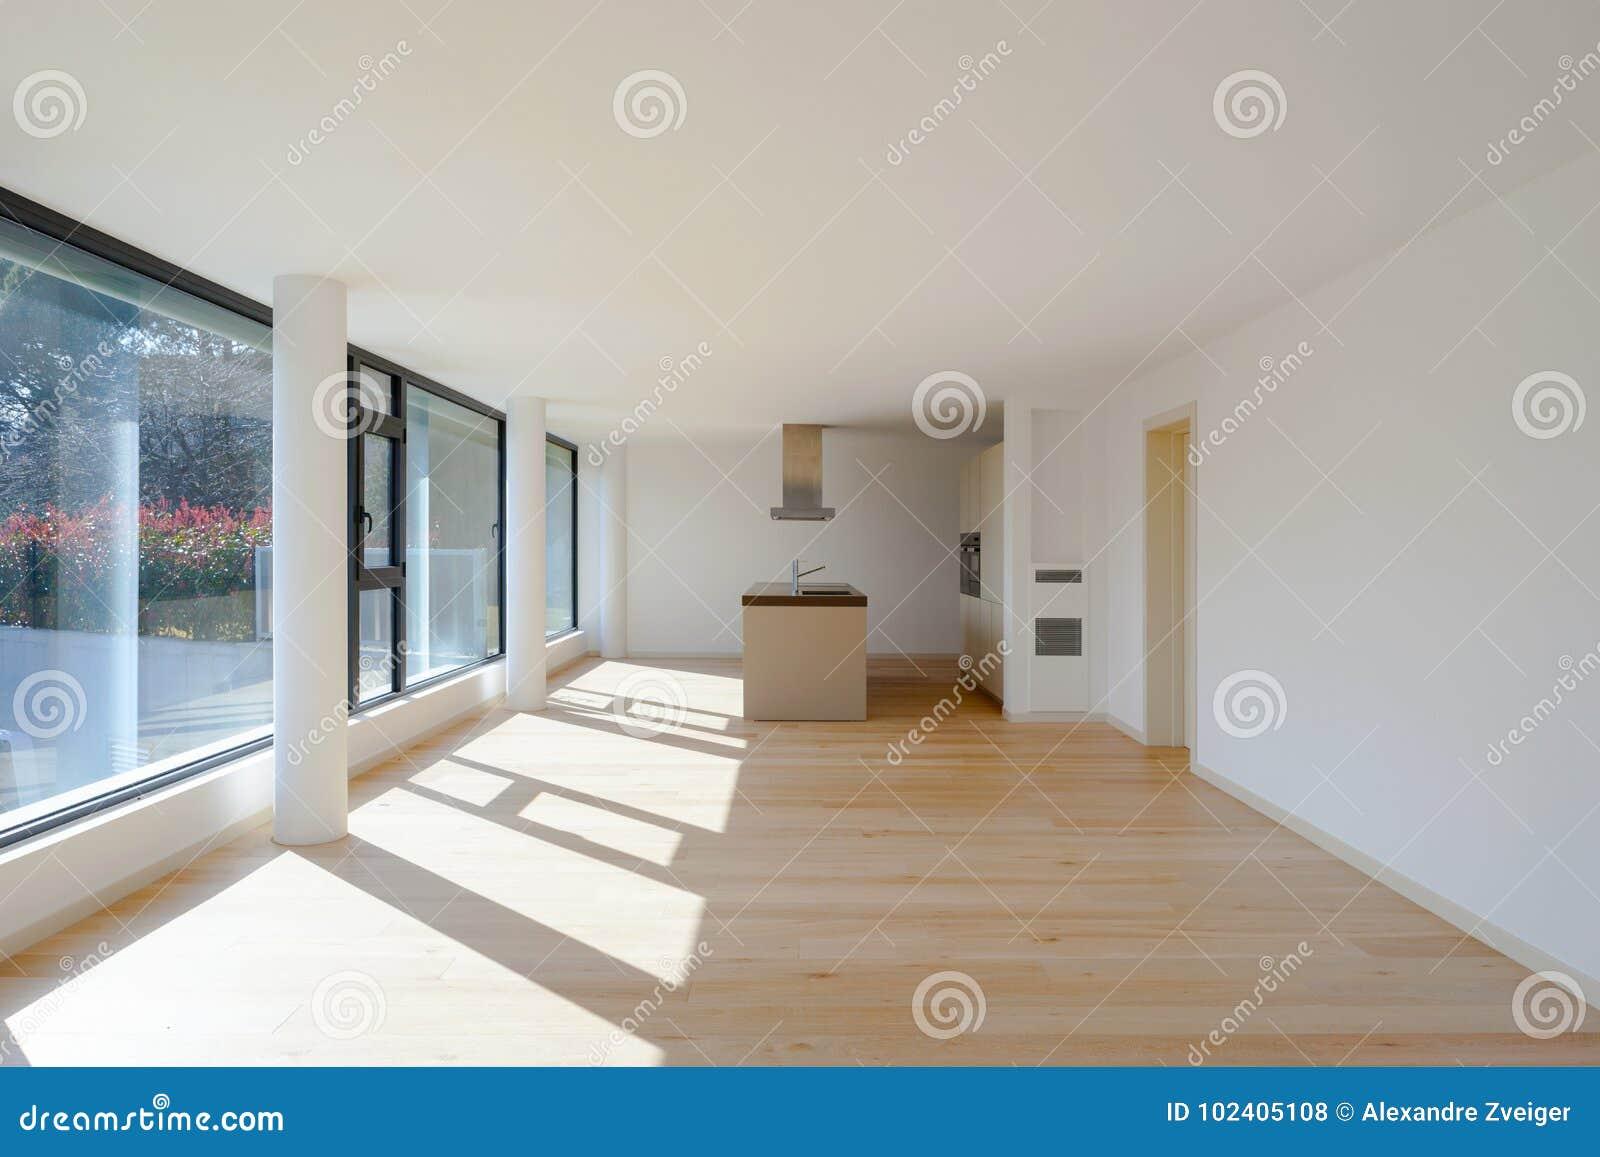 Interieur D Une Maison Moderne Juste Une Salle Vide Photo Stock